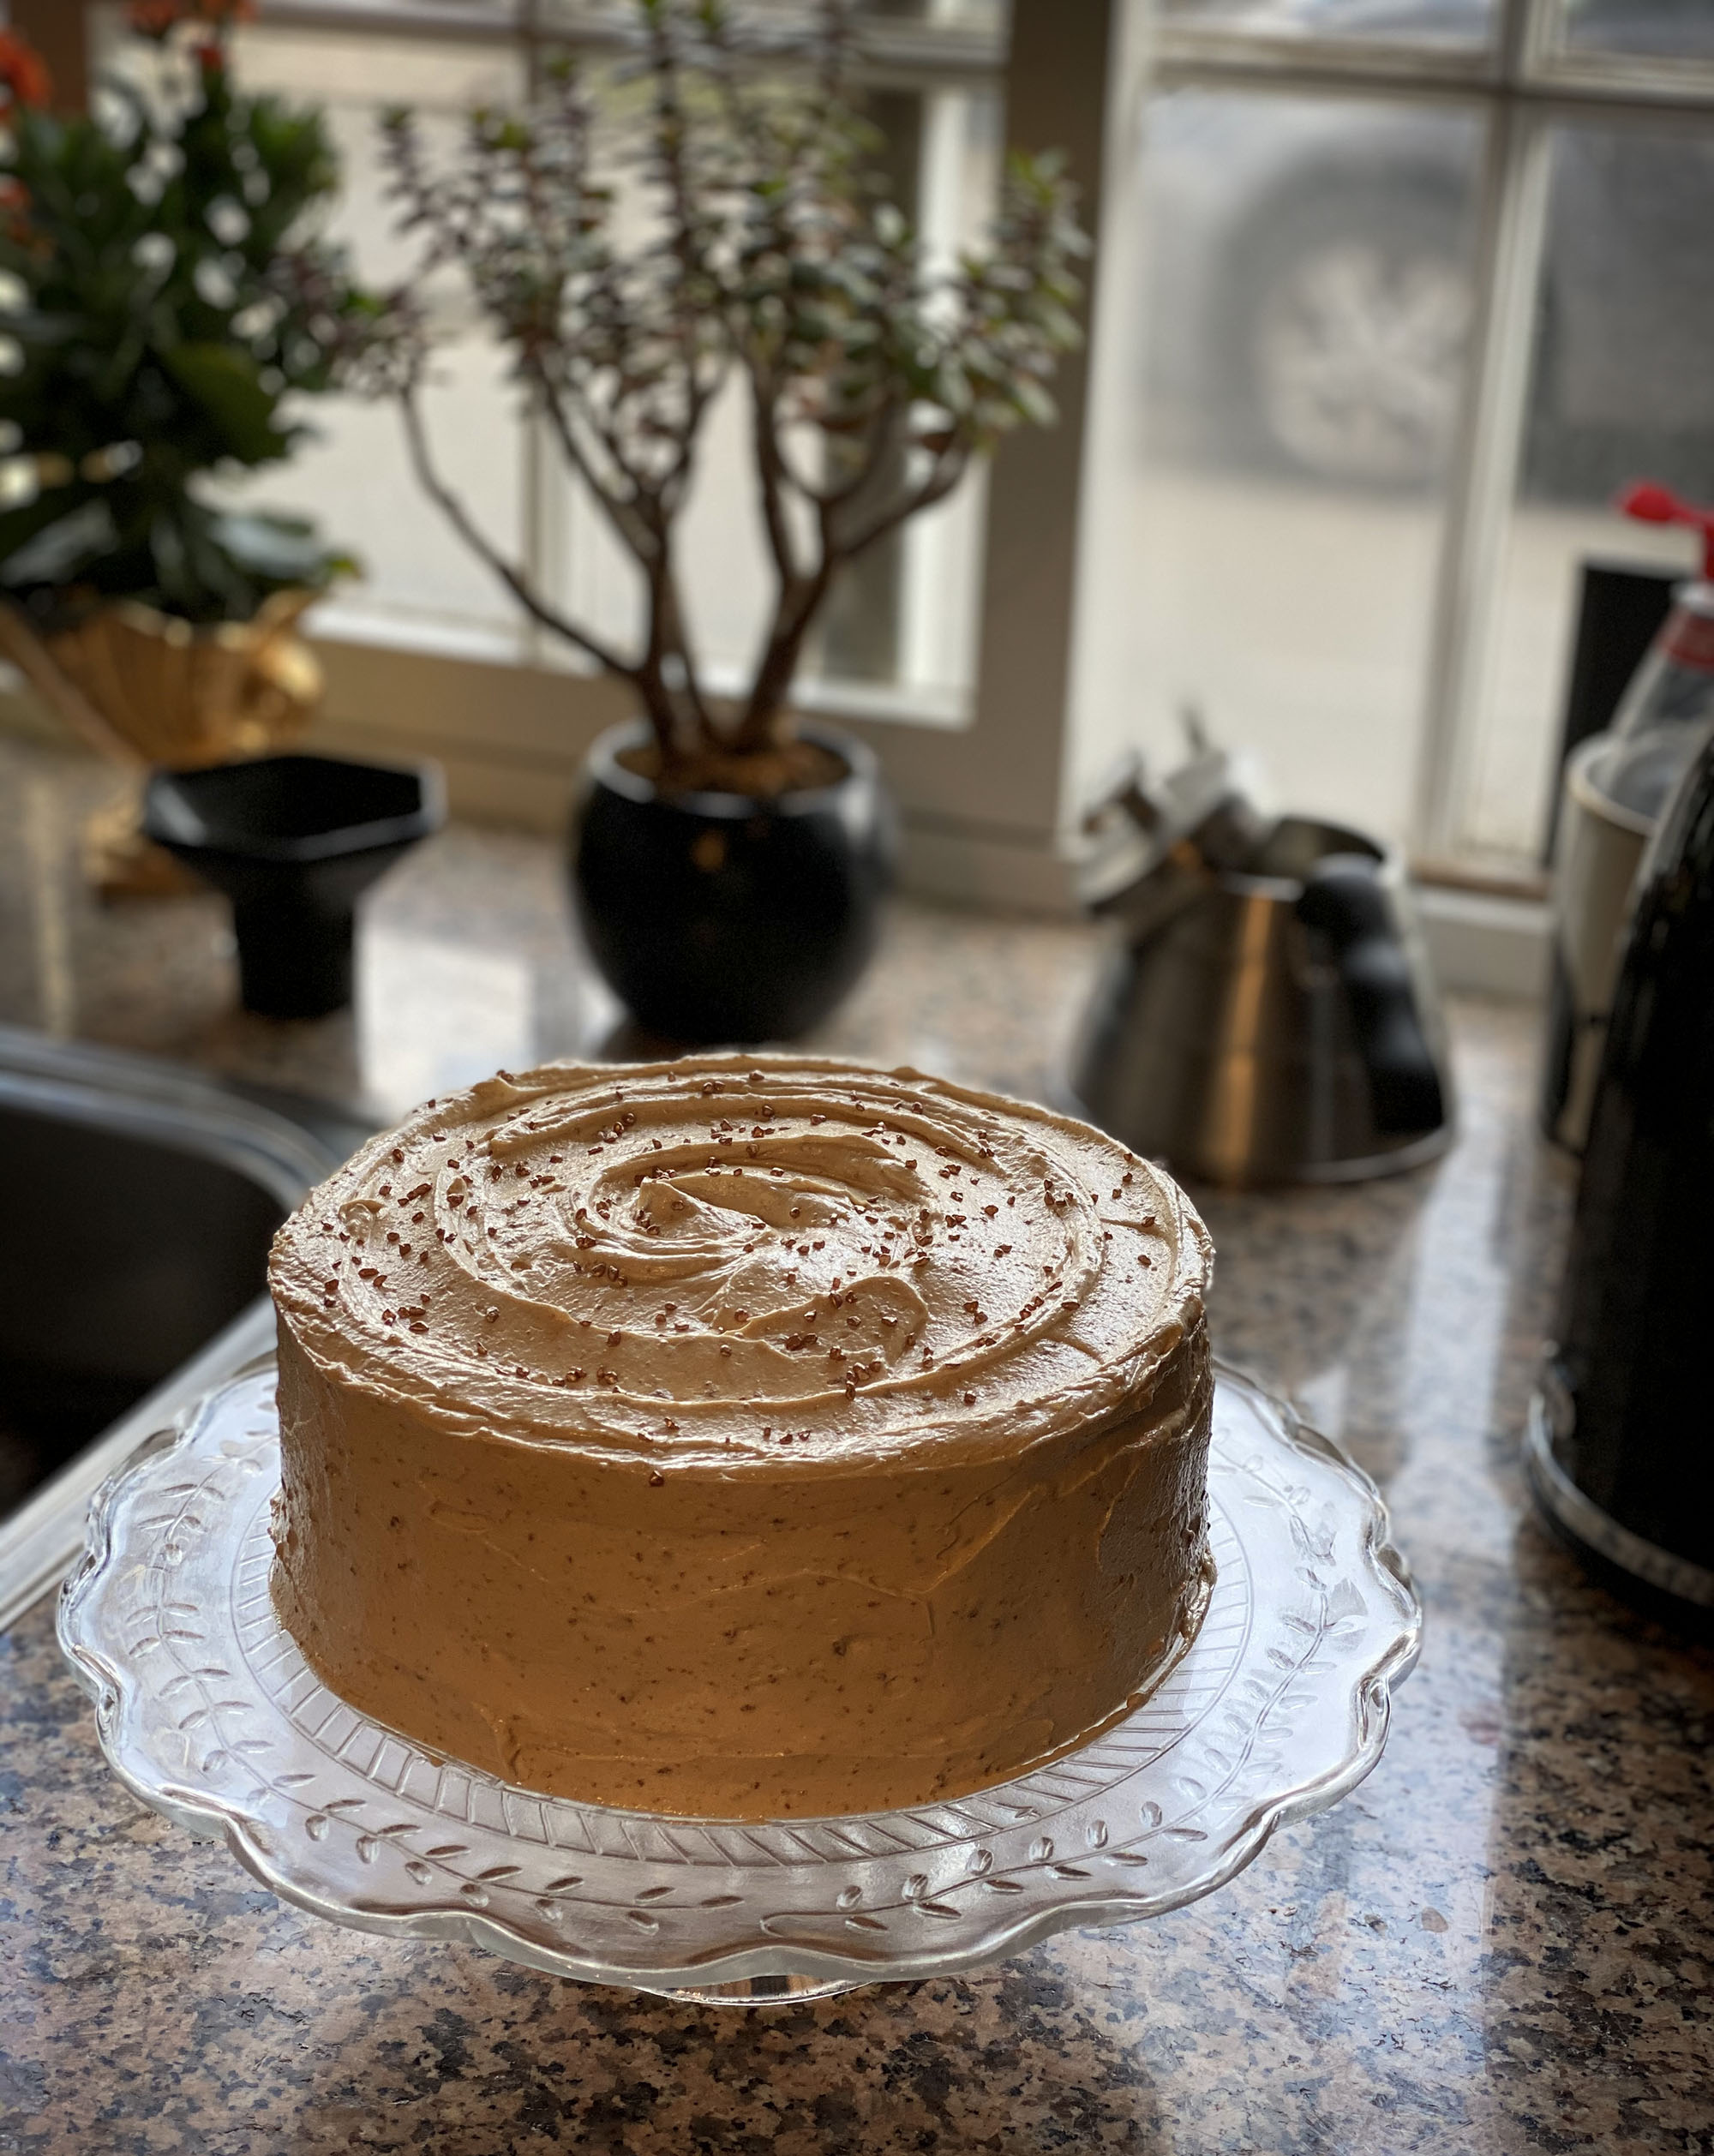 Biscoff vanilla layer cake